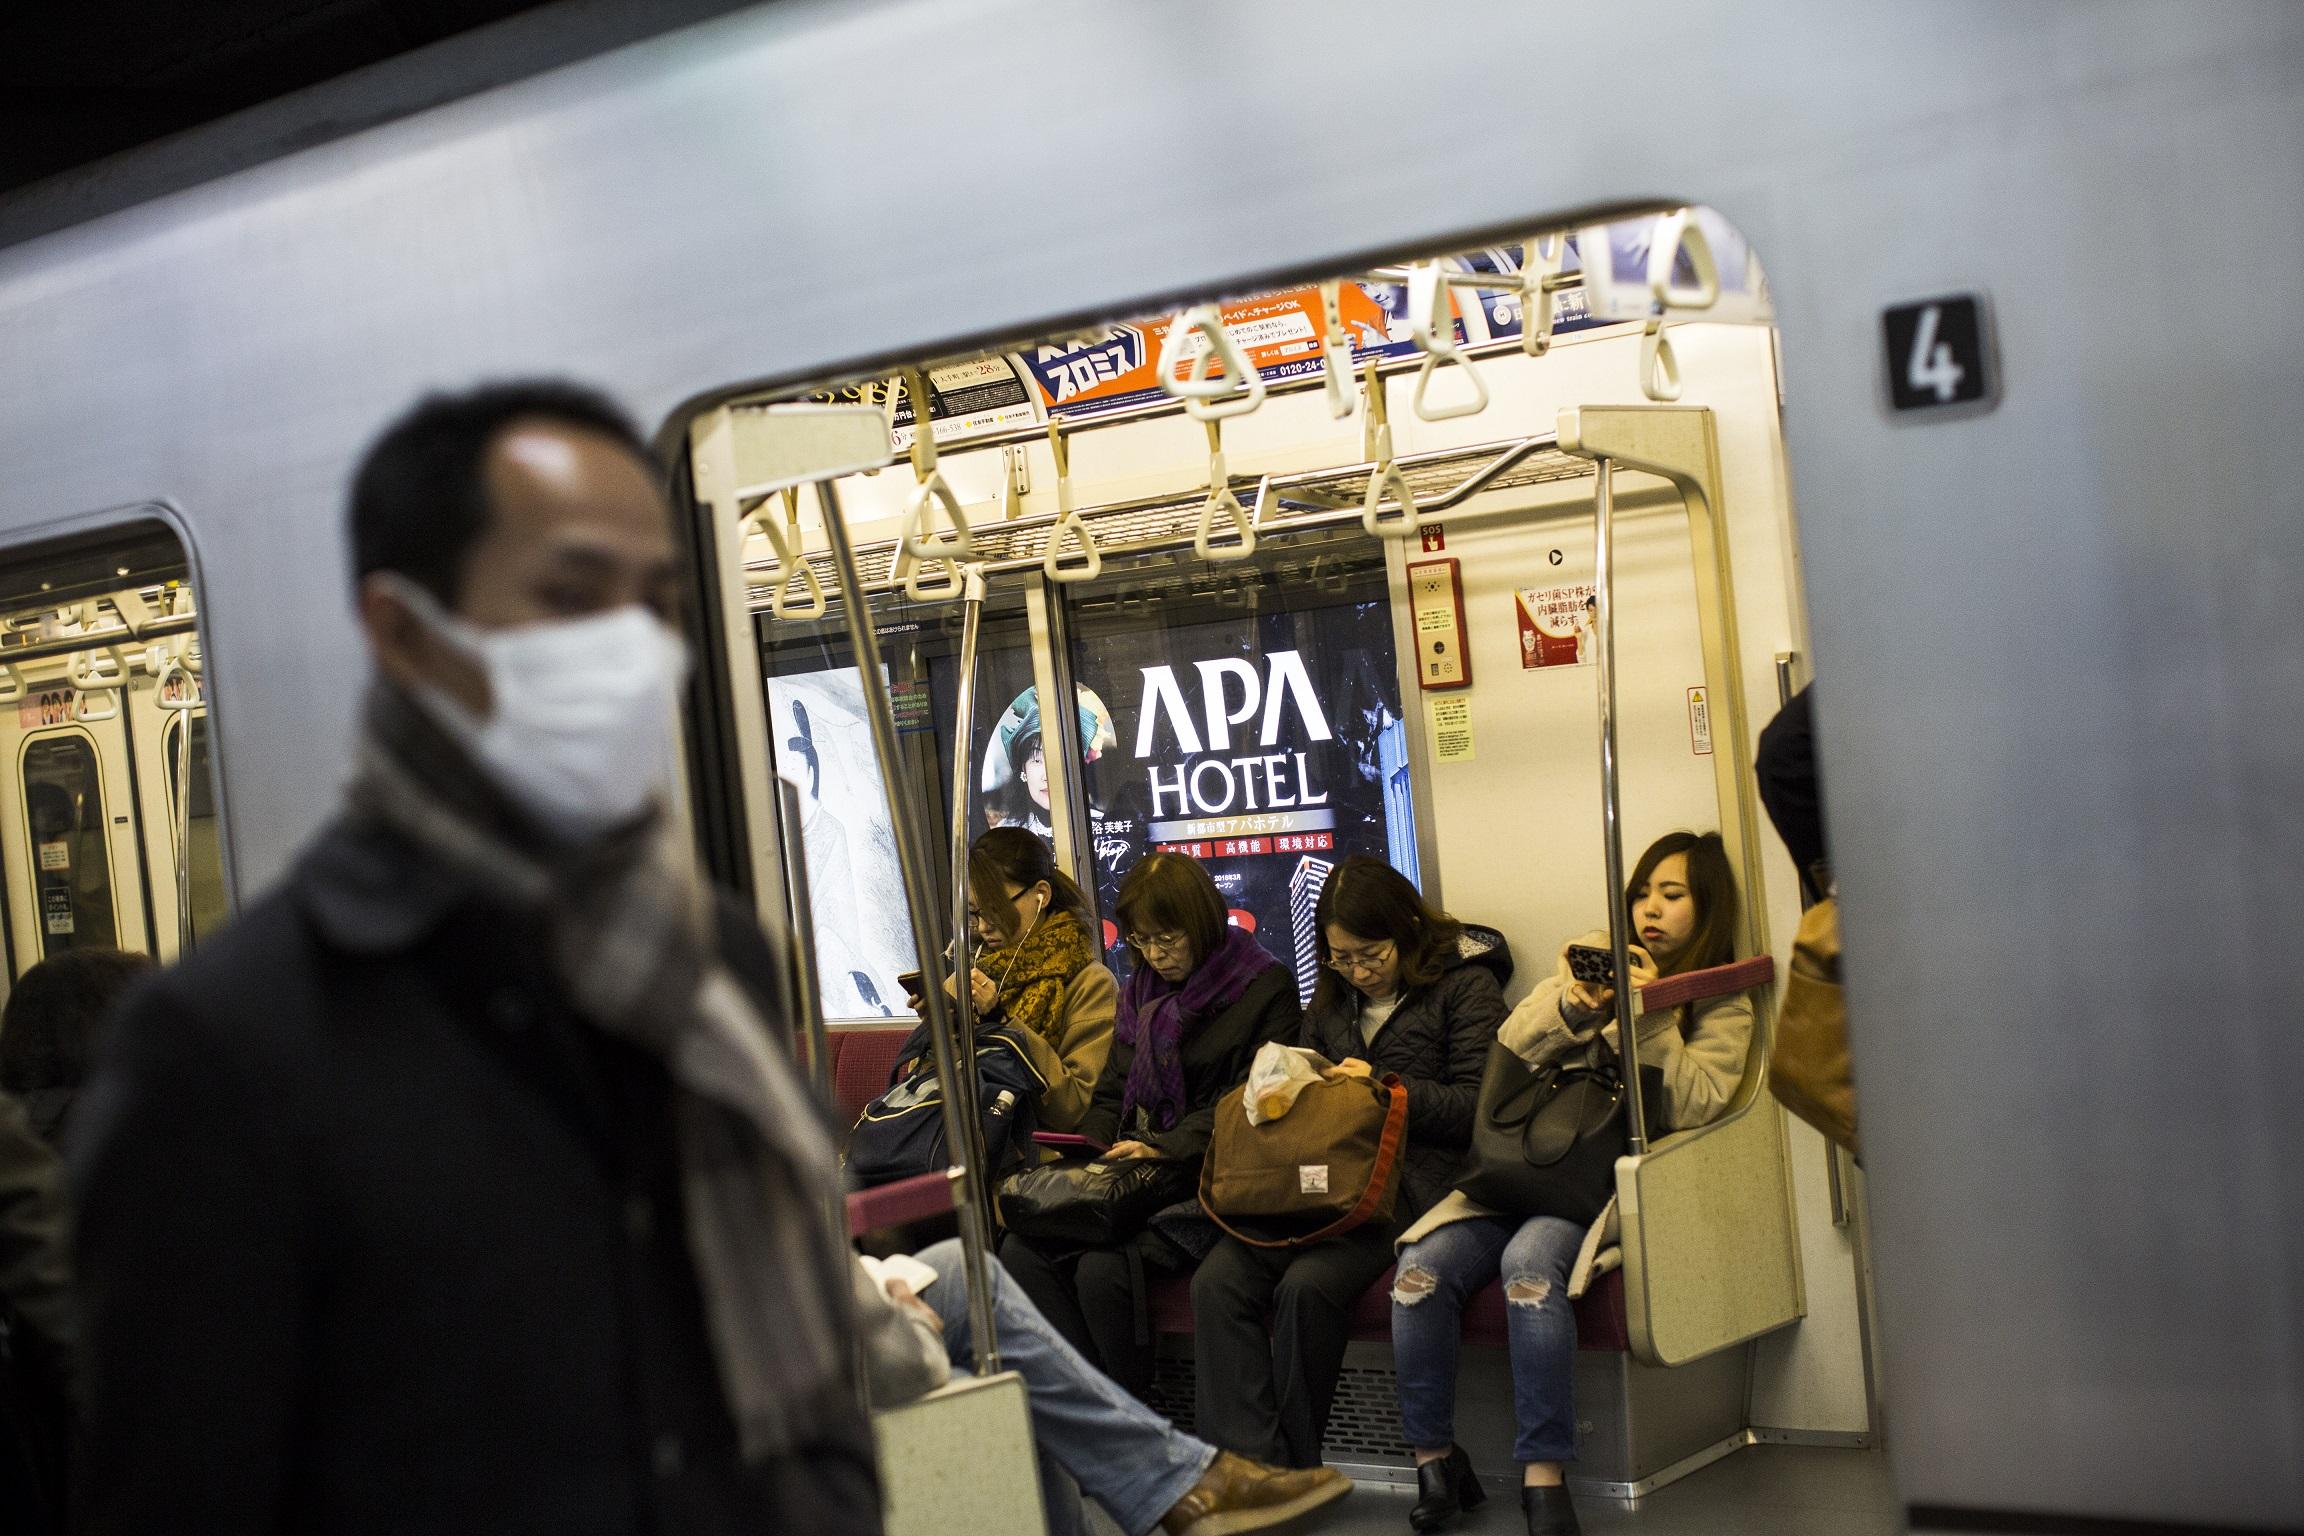 Odaszart egy srác a tokiói metróba, méghozzá nem akárhogy